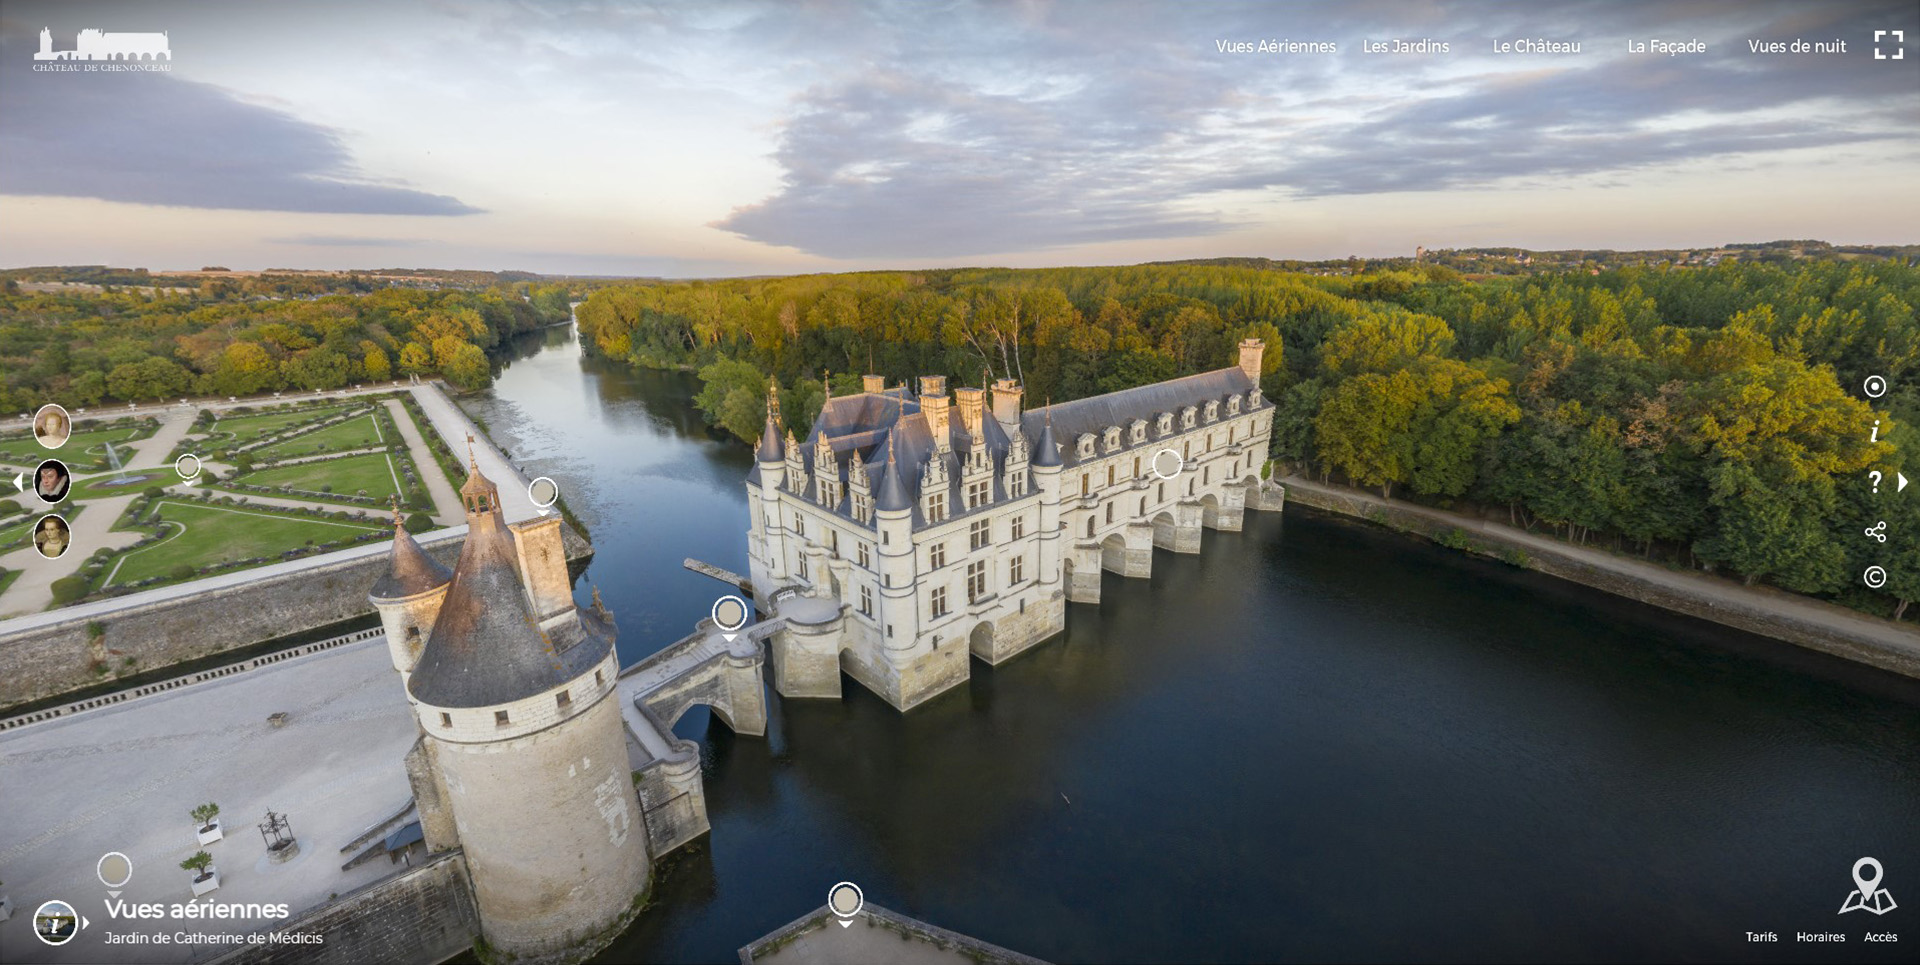 Visite virtuelle : Château de Chenonceau